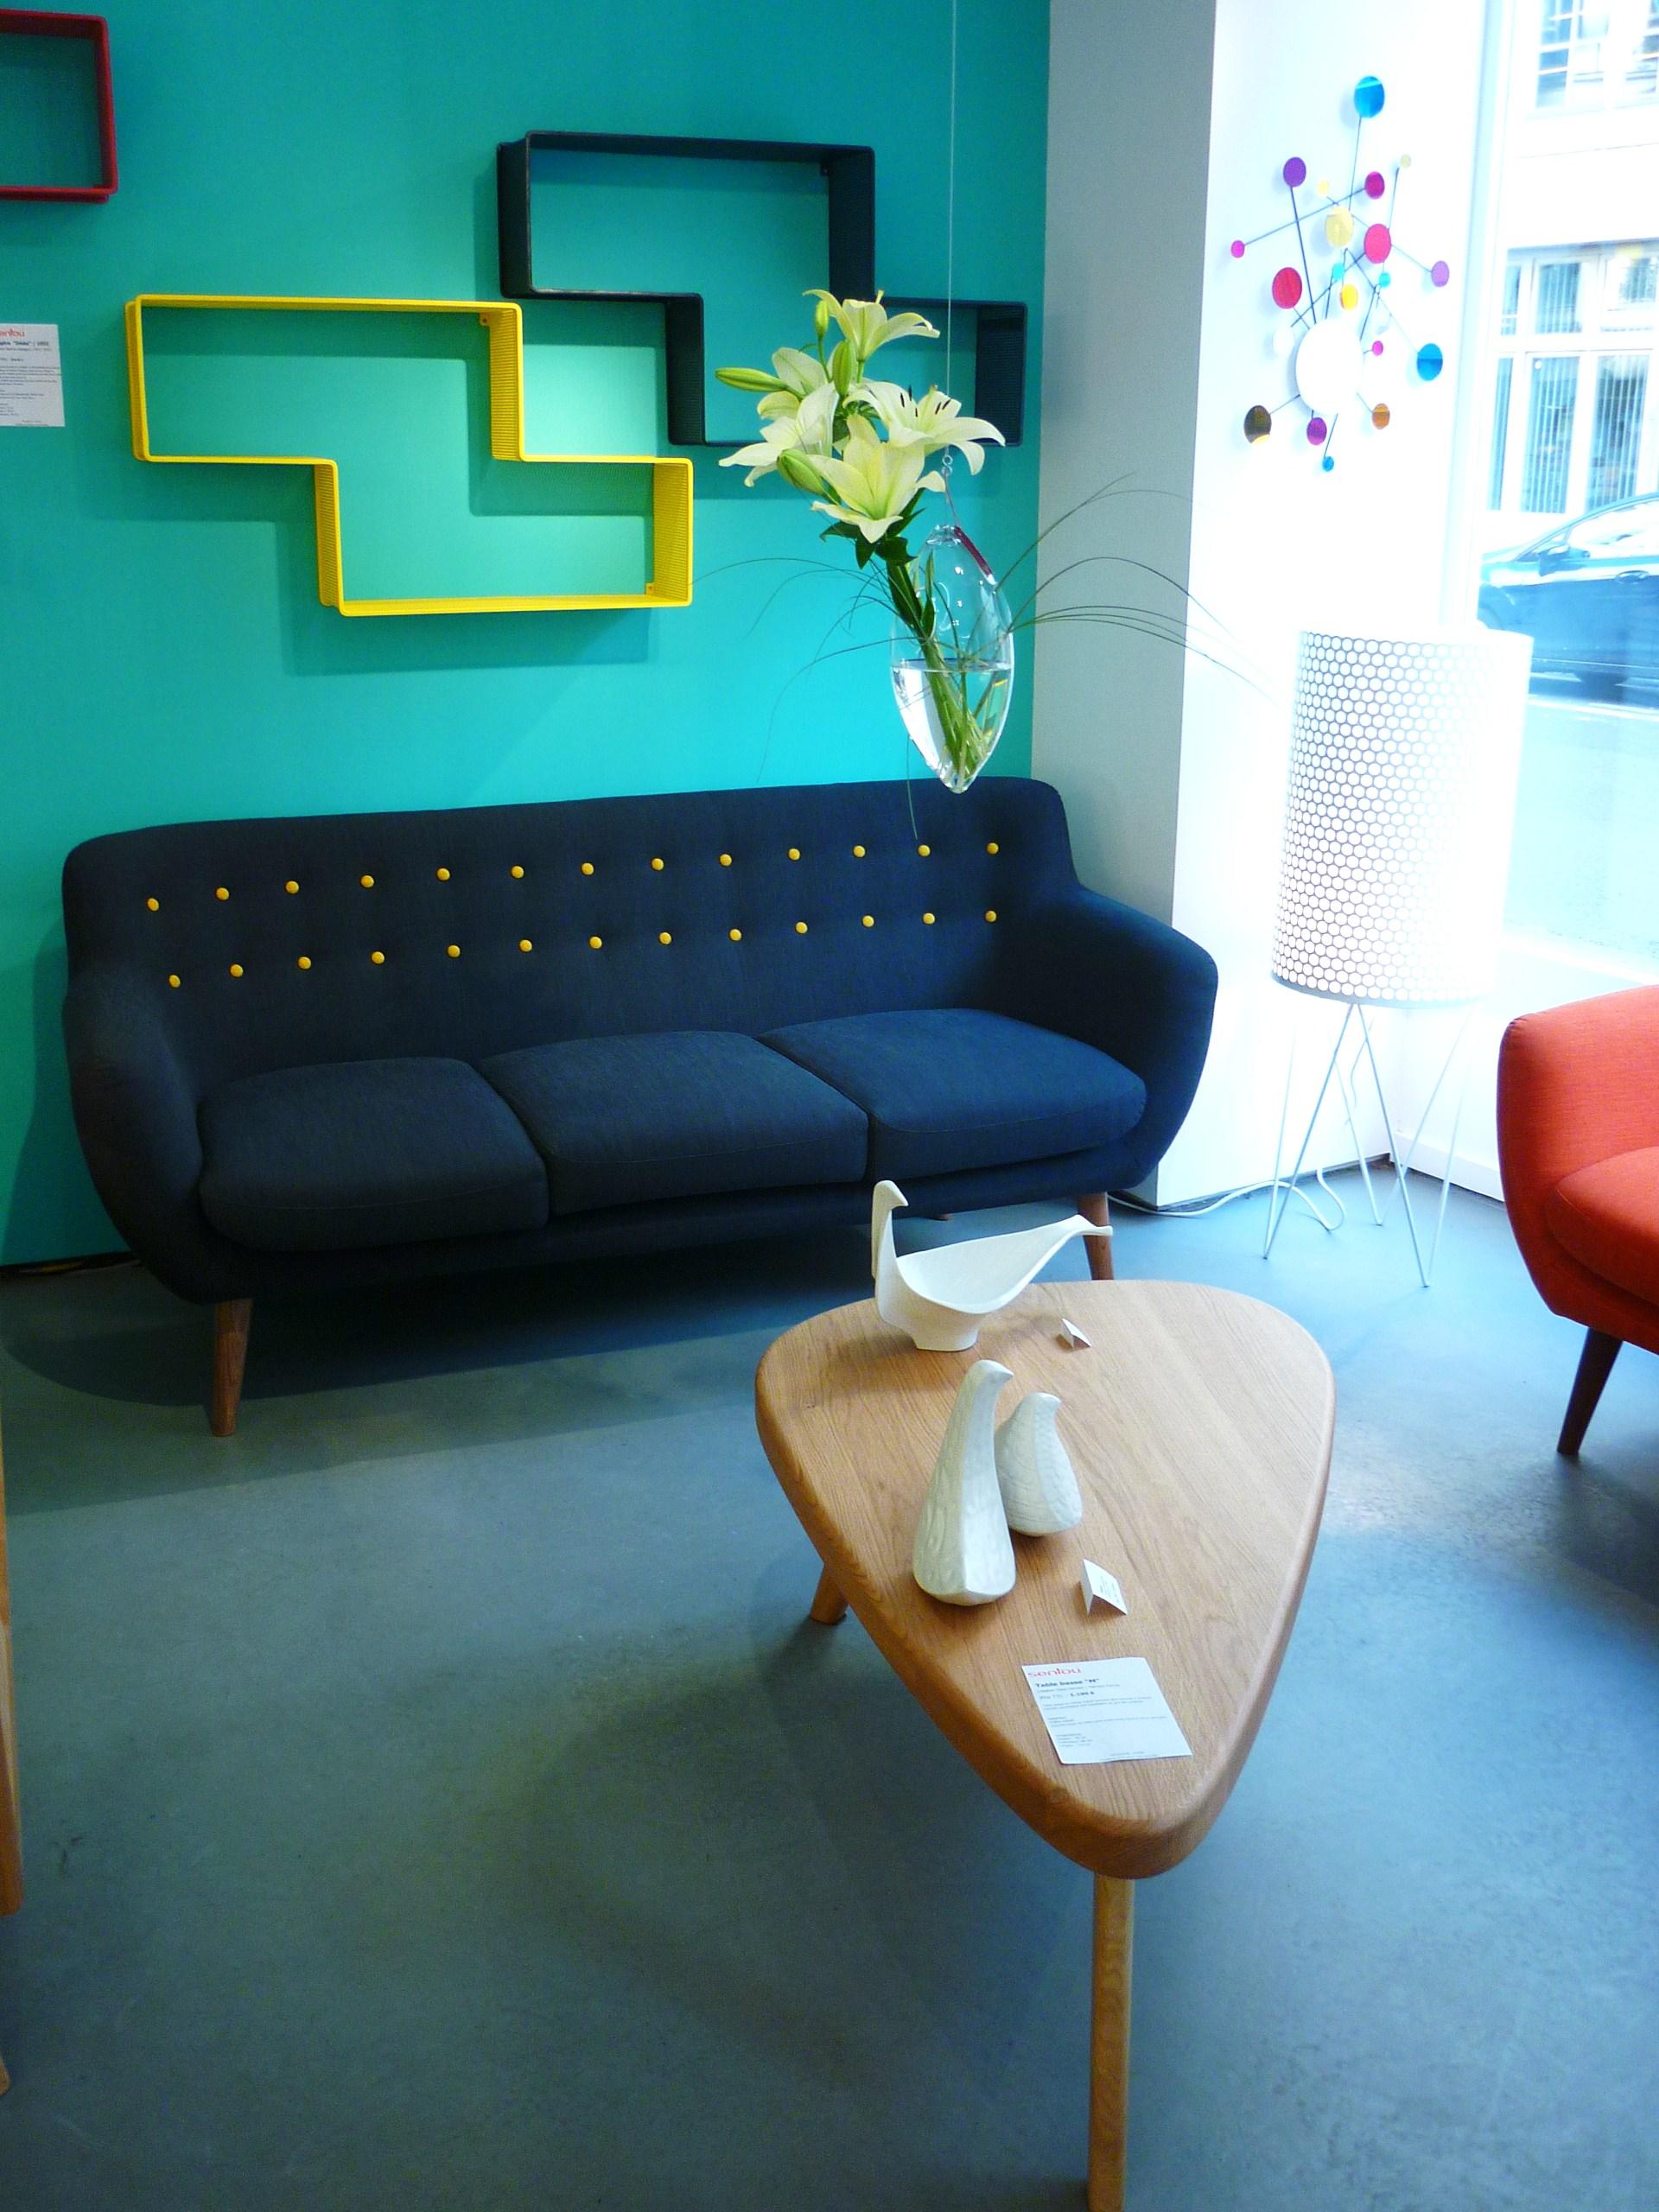 du c t de chez sentou beautyarchi. Black Bedroom Furniture Sets. Home Design Ideas